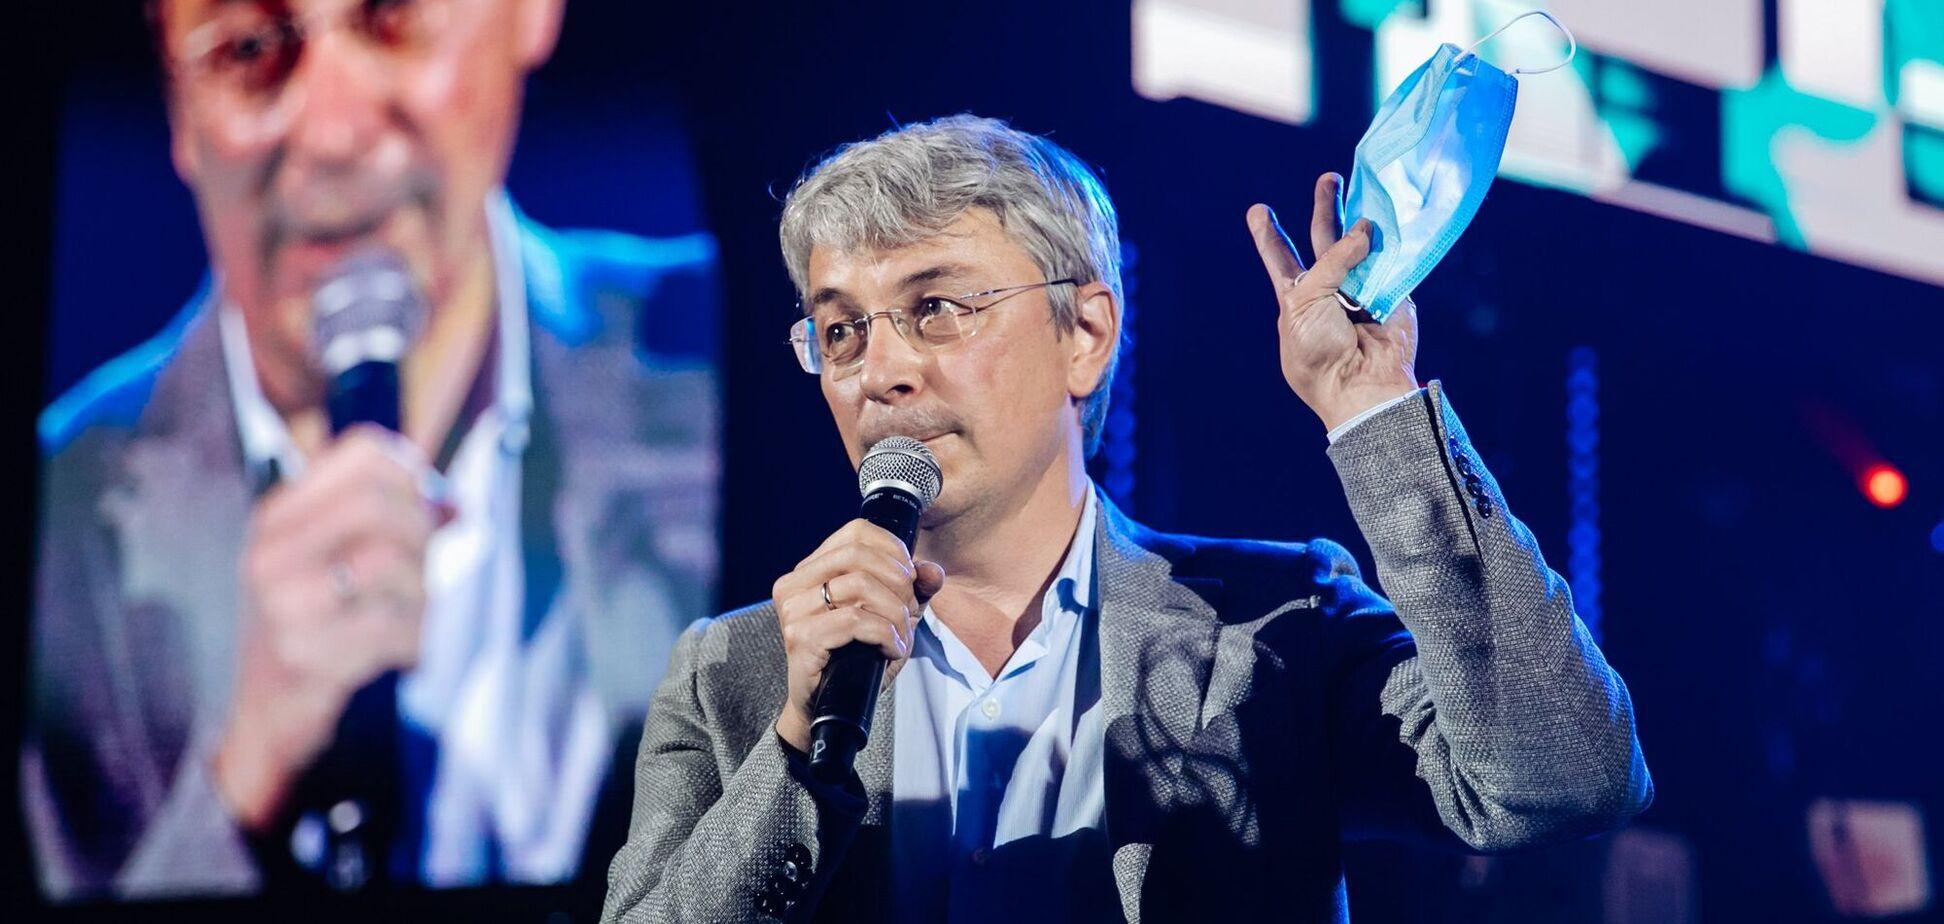 Олександр Ткаченко виступив на концерті як організатор заходу